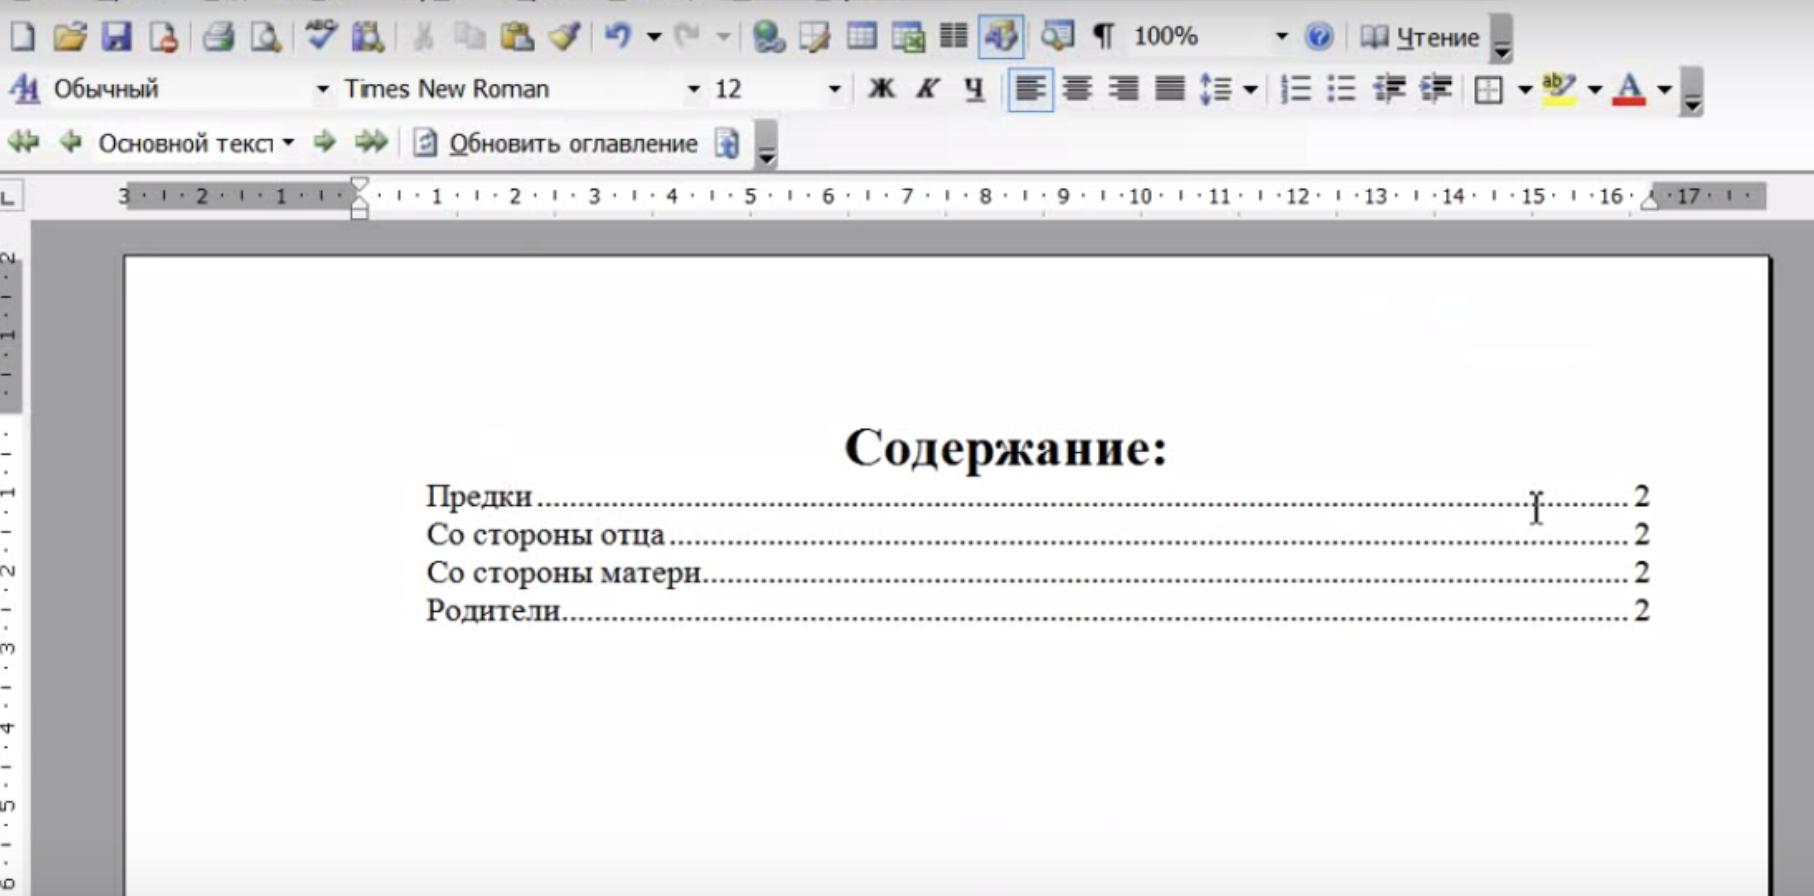 Как создать оглавление, содержание  к документу Ворд Онлайн